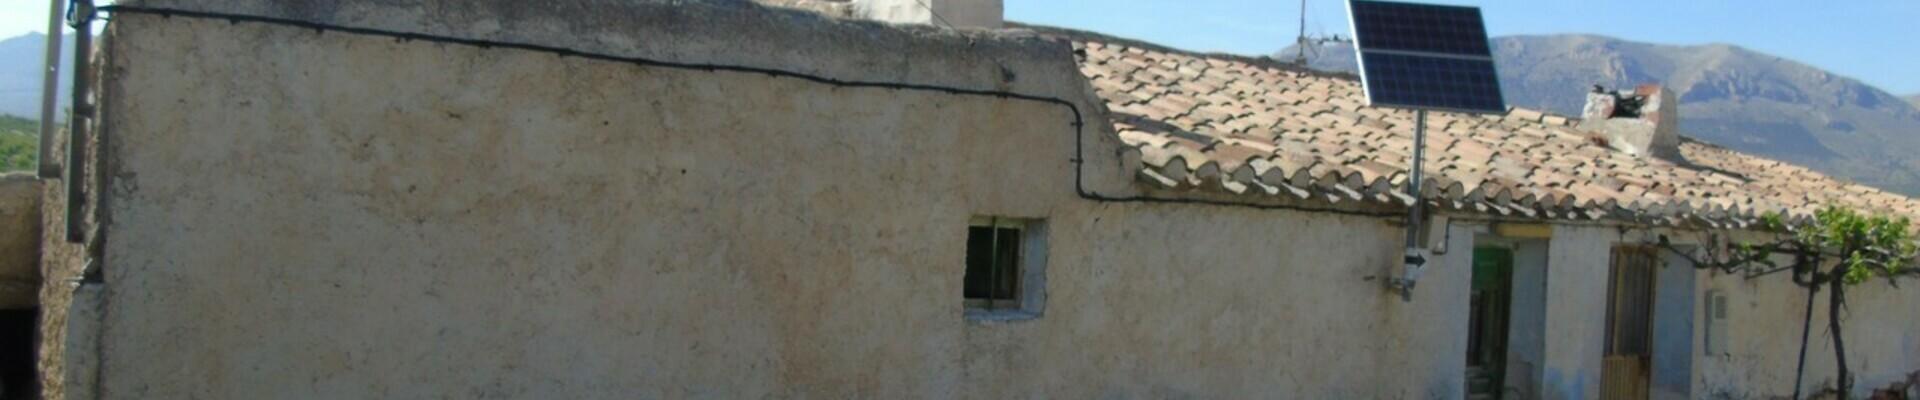 AF560: 2 Bedroom Cortijo for Sale